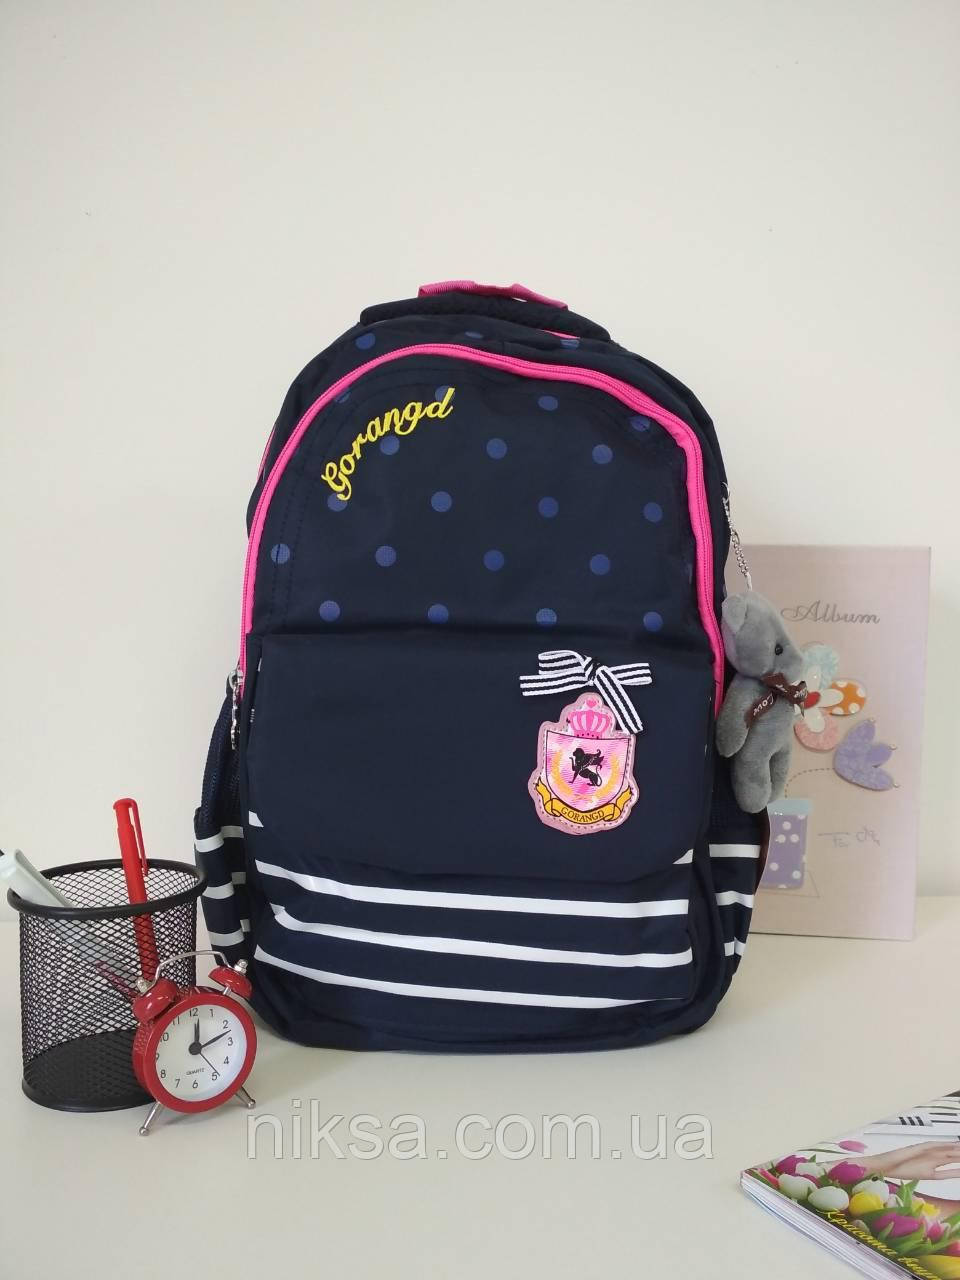 Рюкзак для девочек хорошее качество фирма Gorangd размер 40х25х17